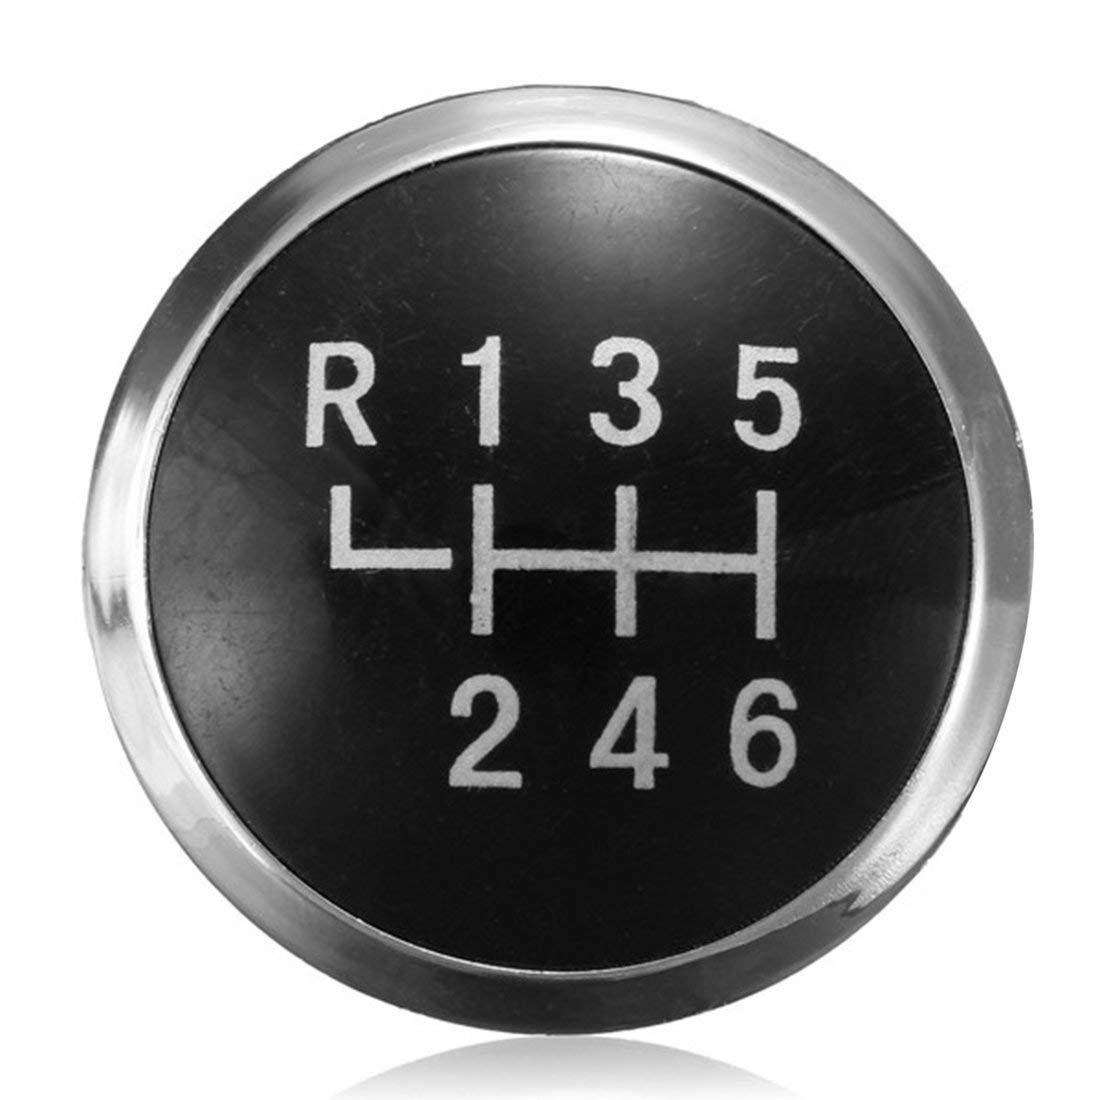 Formulaone 6 Vitesse Vitesse Bouton poign/ée b/âton embl/ème Insigne Capuchon Garniture Couvercle de la Voiture Car-Styling Cap d/écoratif pour VW Transporteur t5 t5.1